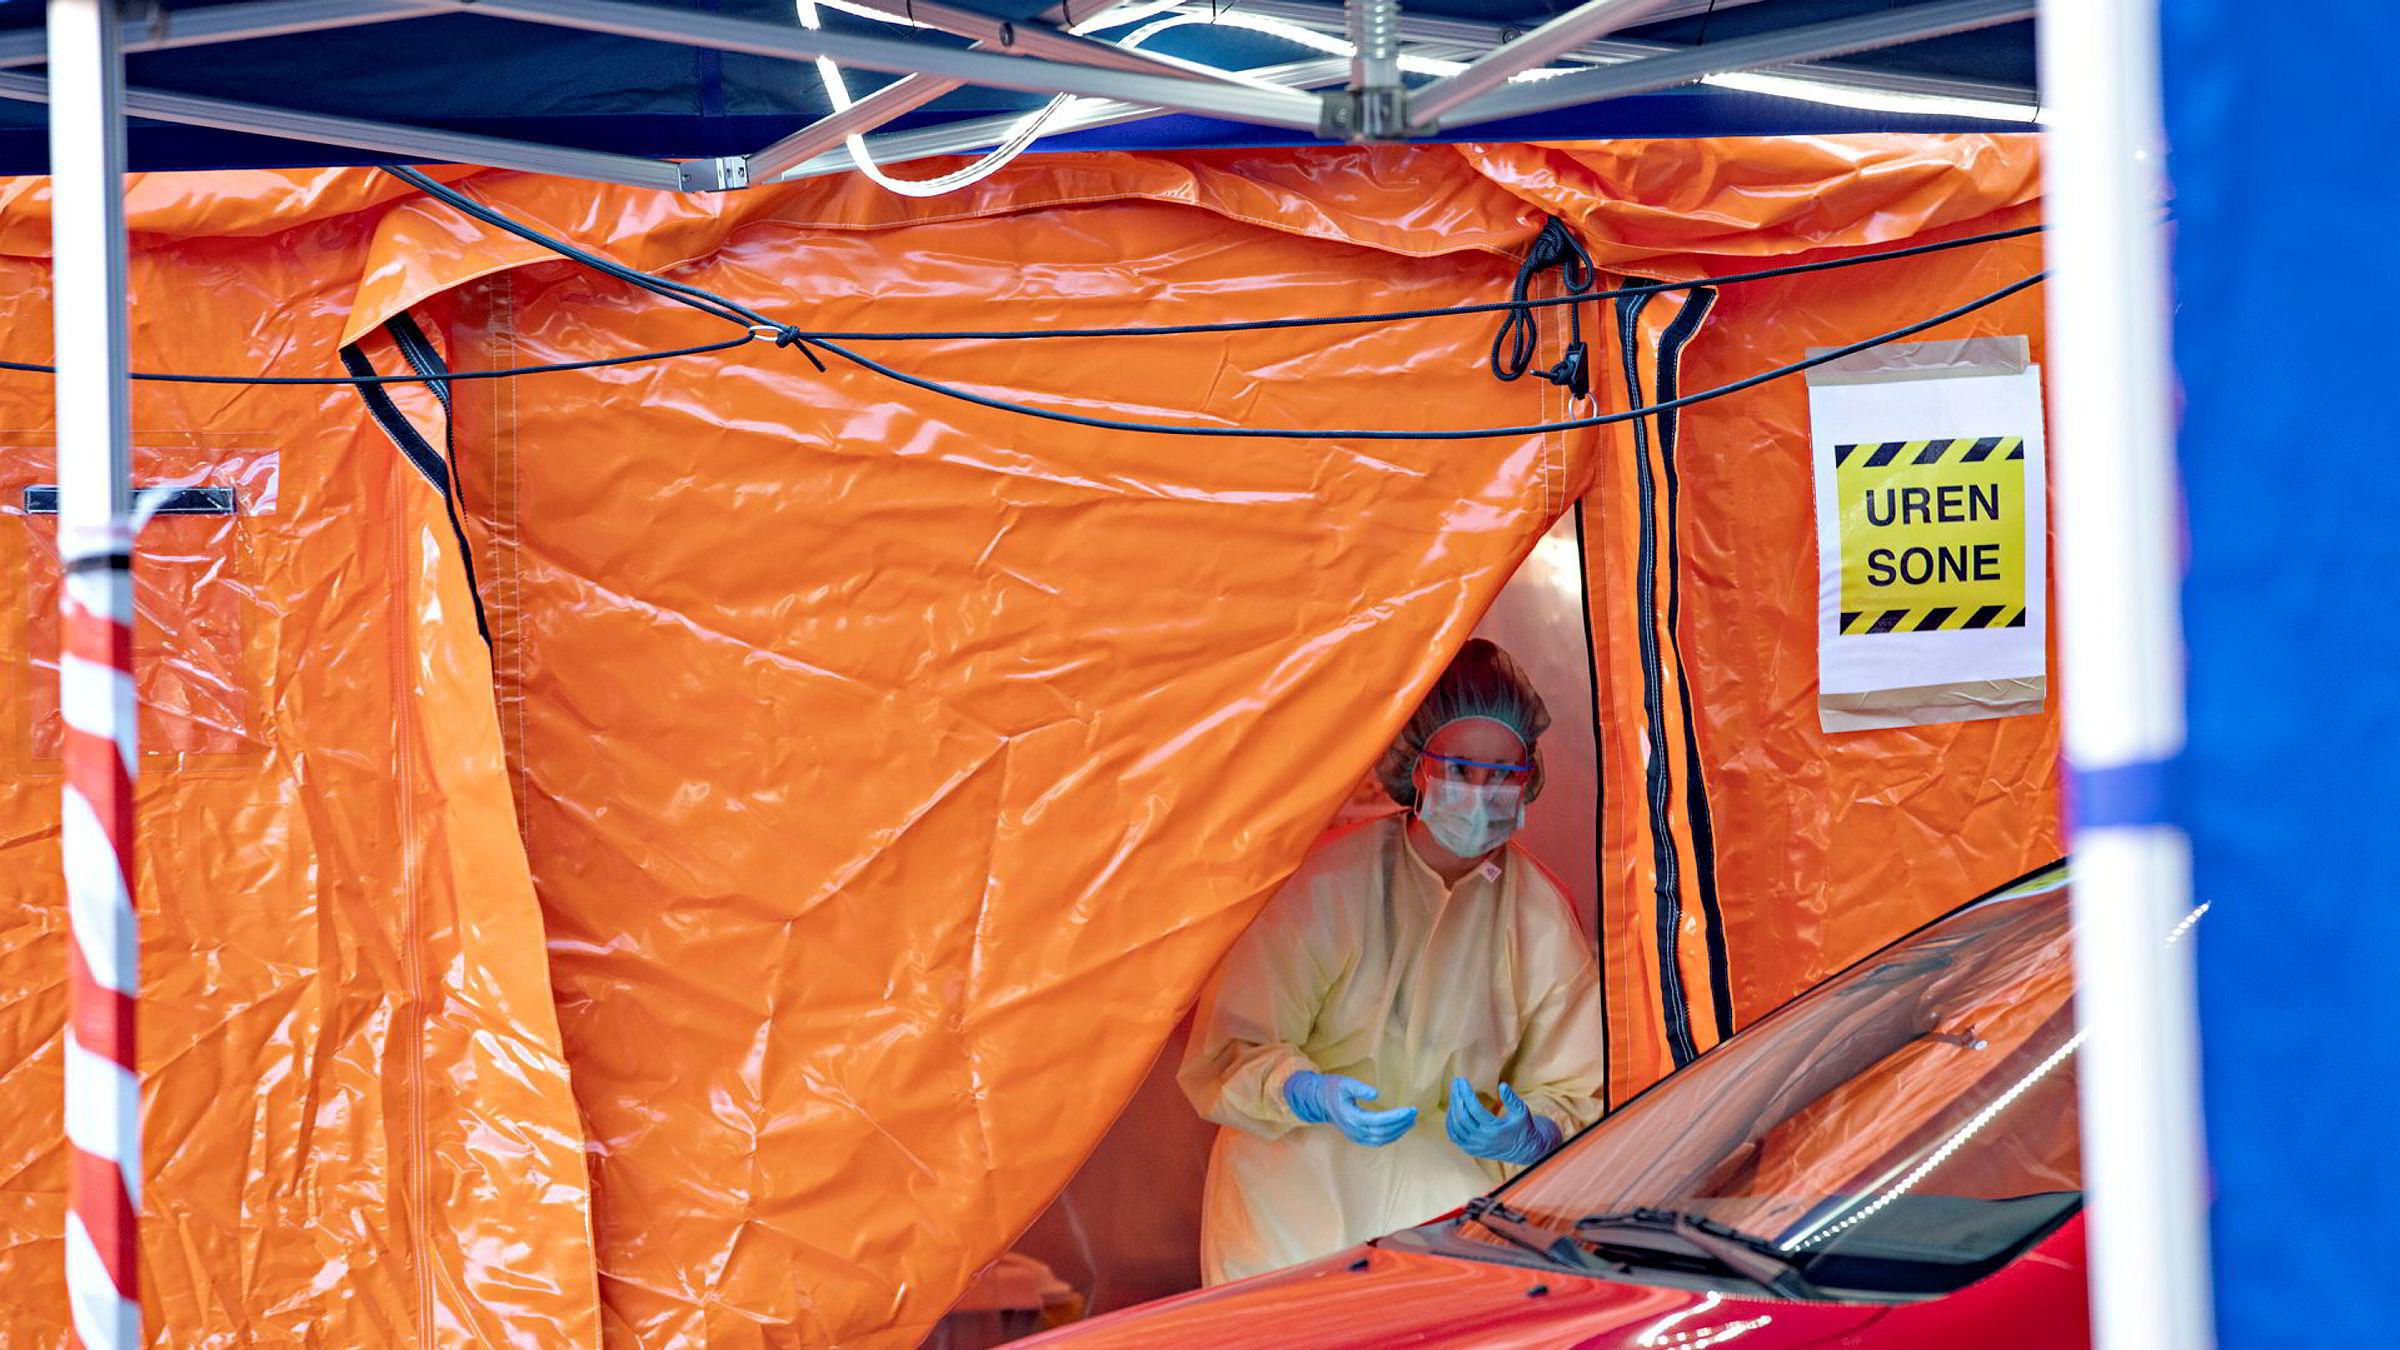 Tallene på hvor mange nordmenn som er smittet og syk, er misvisende, fordi vi primært tester risikogruppene. Kostnadene ved å også teste tilfeldige utvalg er svært små sett i forhold til stengte operasjonssaler, konkurser og massearbeidsledighet. Her blir pasienter med avtale testet utenfor Aker sykehus.